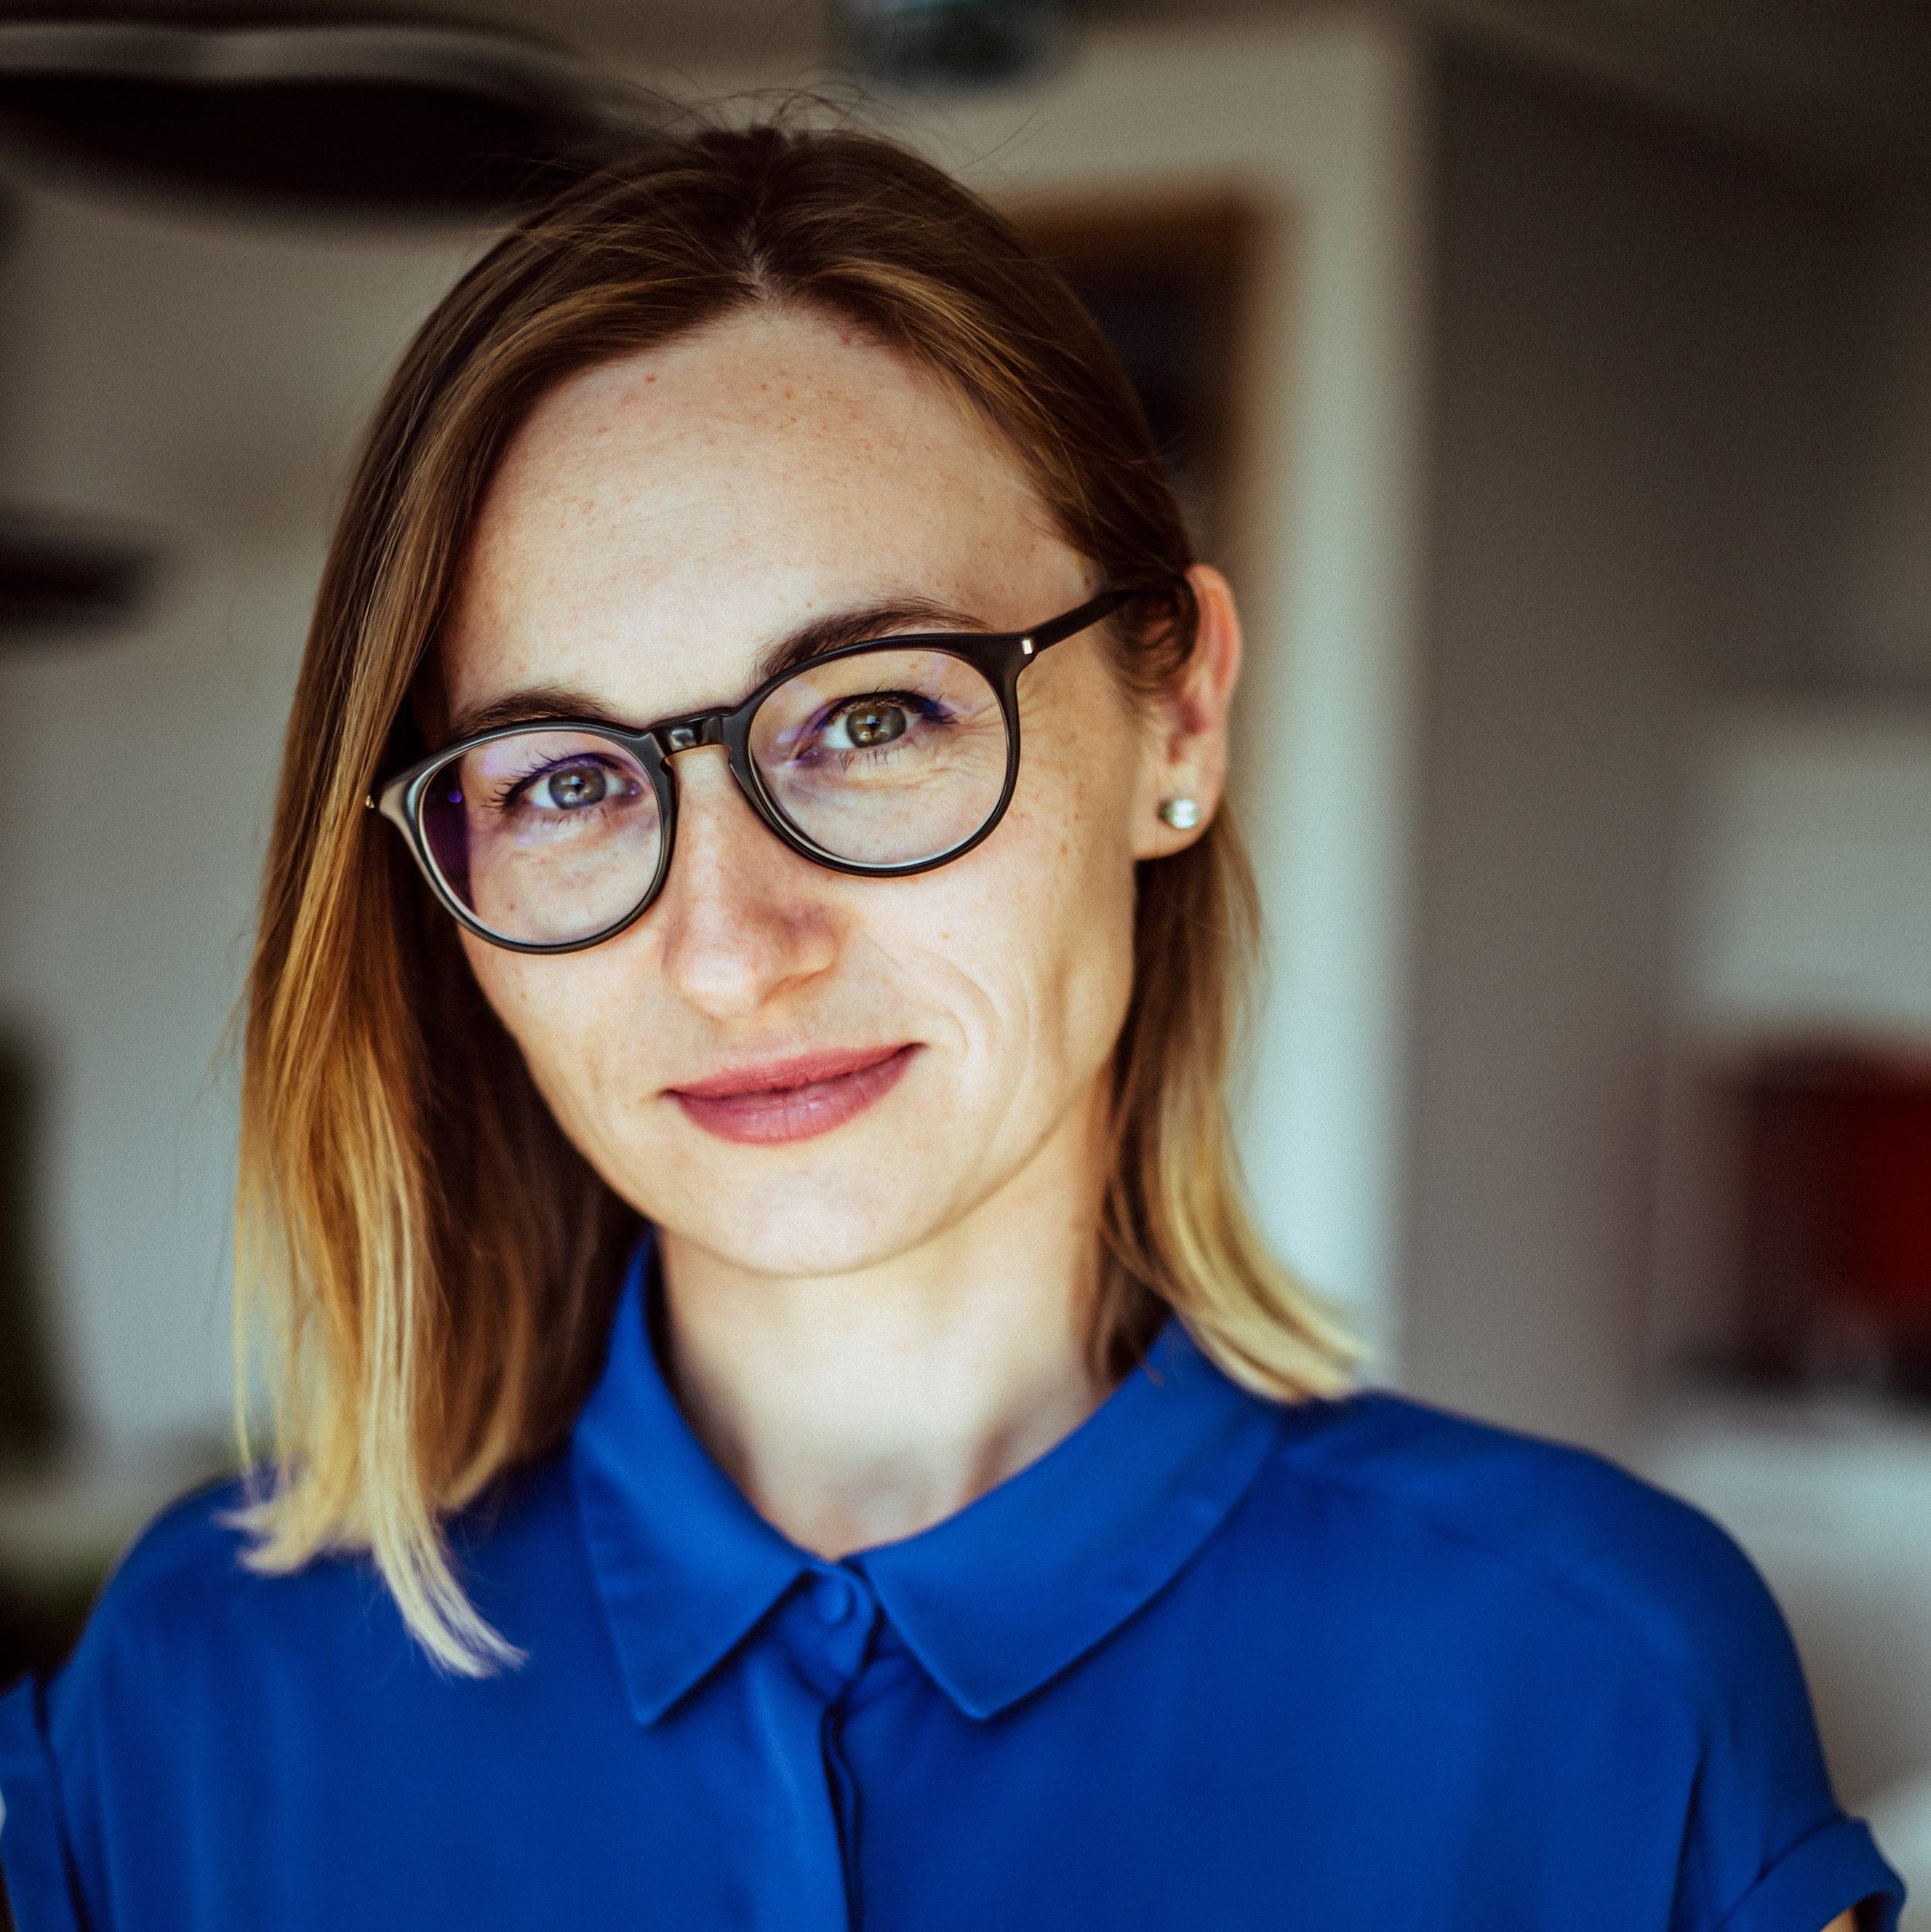 Joanna Grzegorzewska